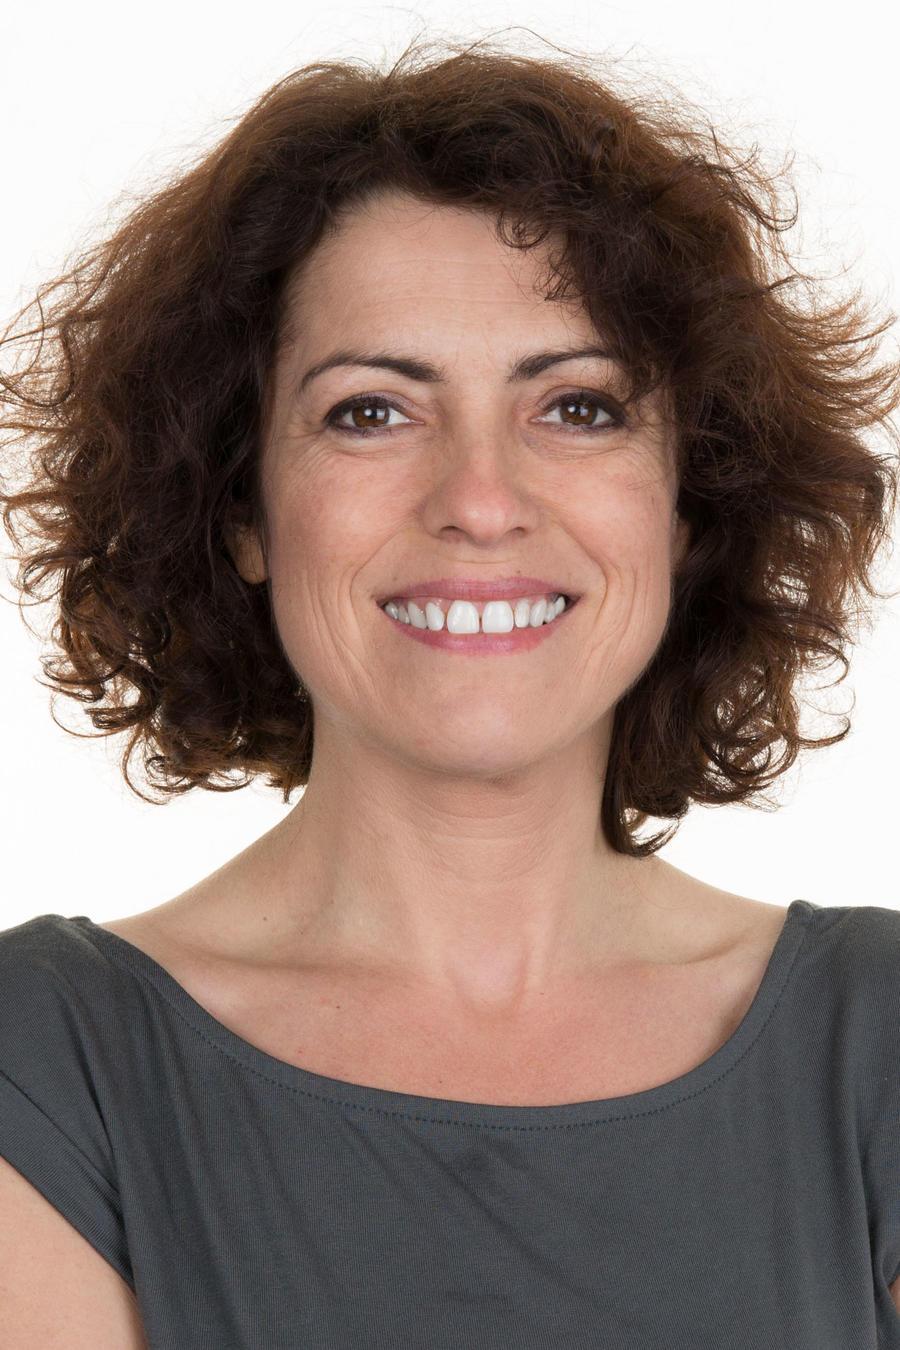 Mujer de 40 años sonriendo